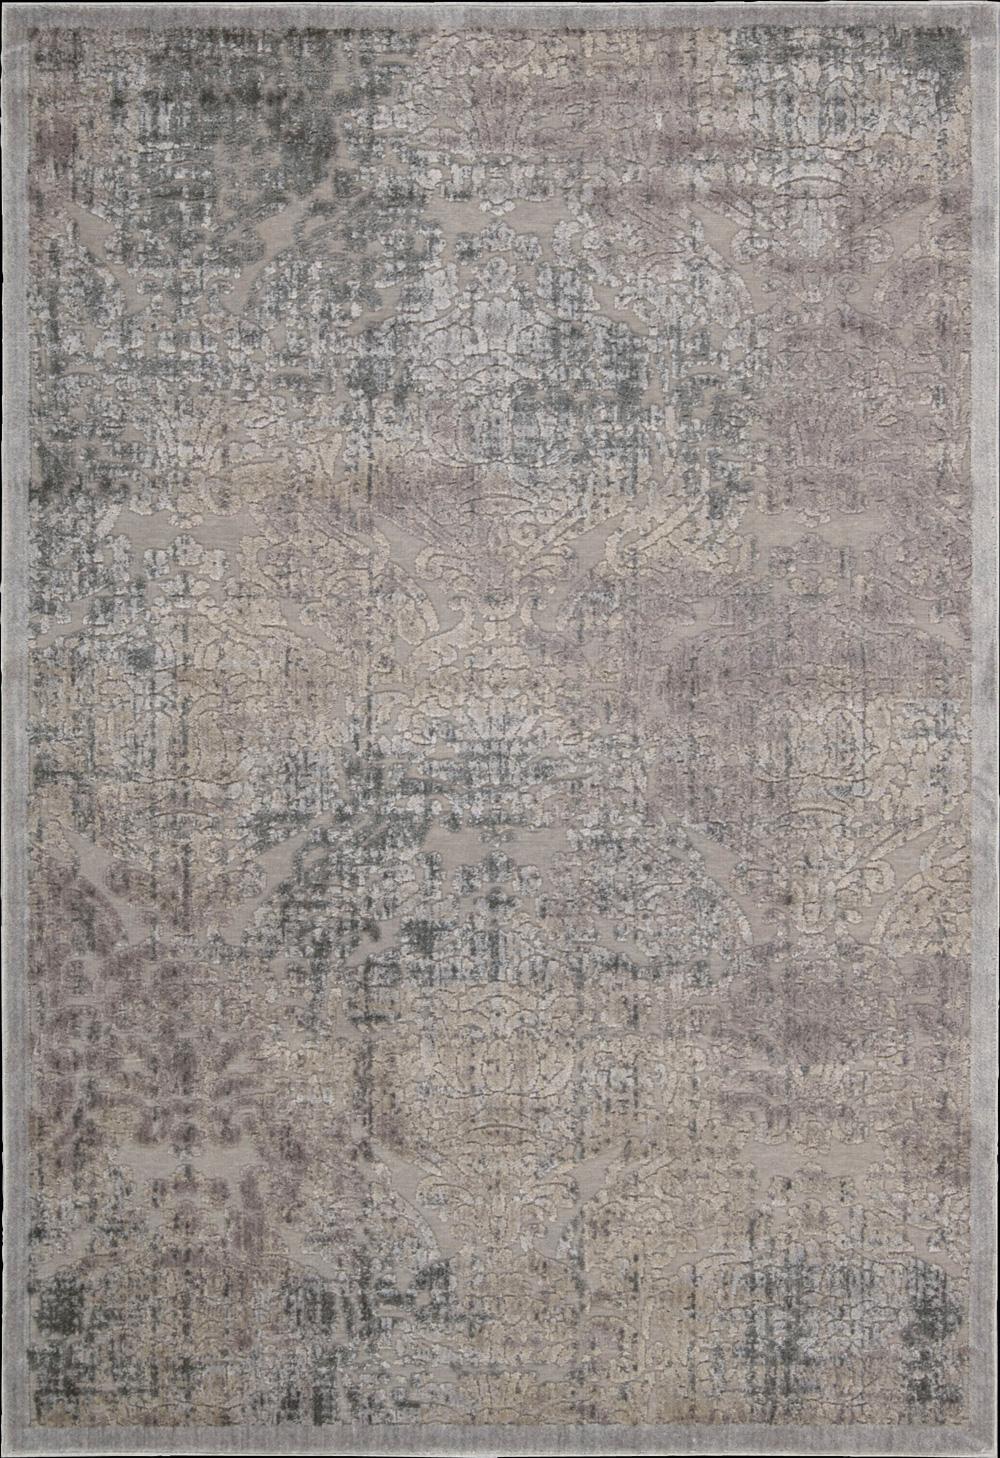 """Nourison Graphic Illusions Area Rug 7'9"""" x 10'10"""" - Item Number: 13158"""